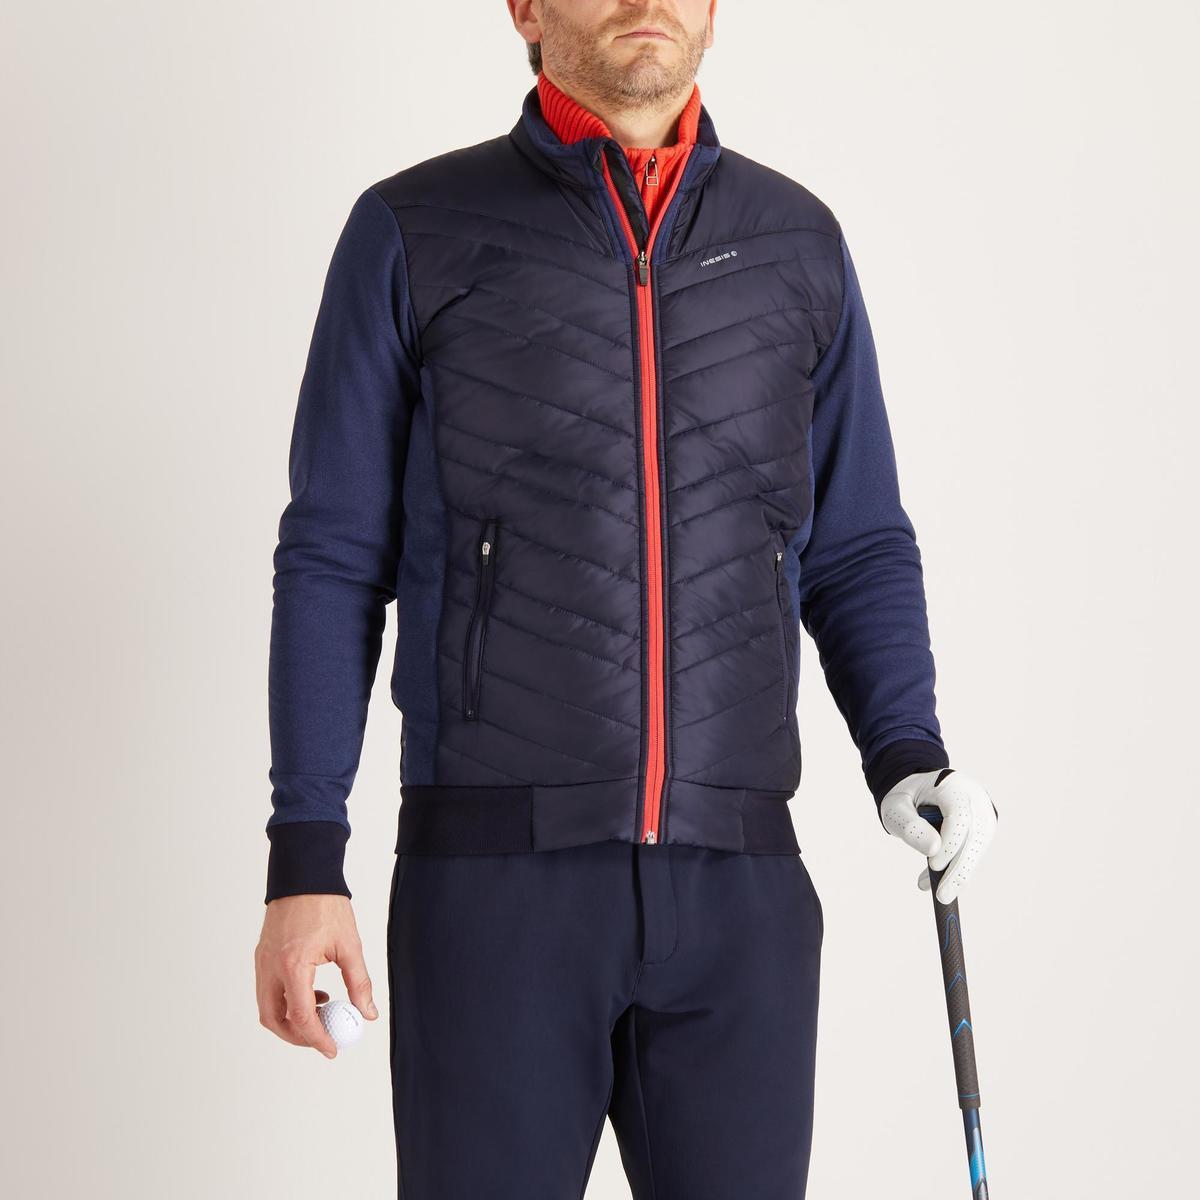 Bild 2 von Golf Wattierte Jacke Herren kühle Witterungen marineblau